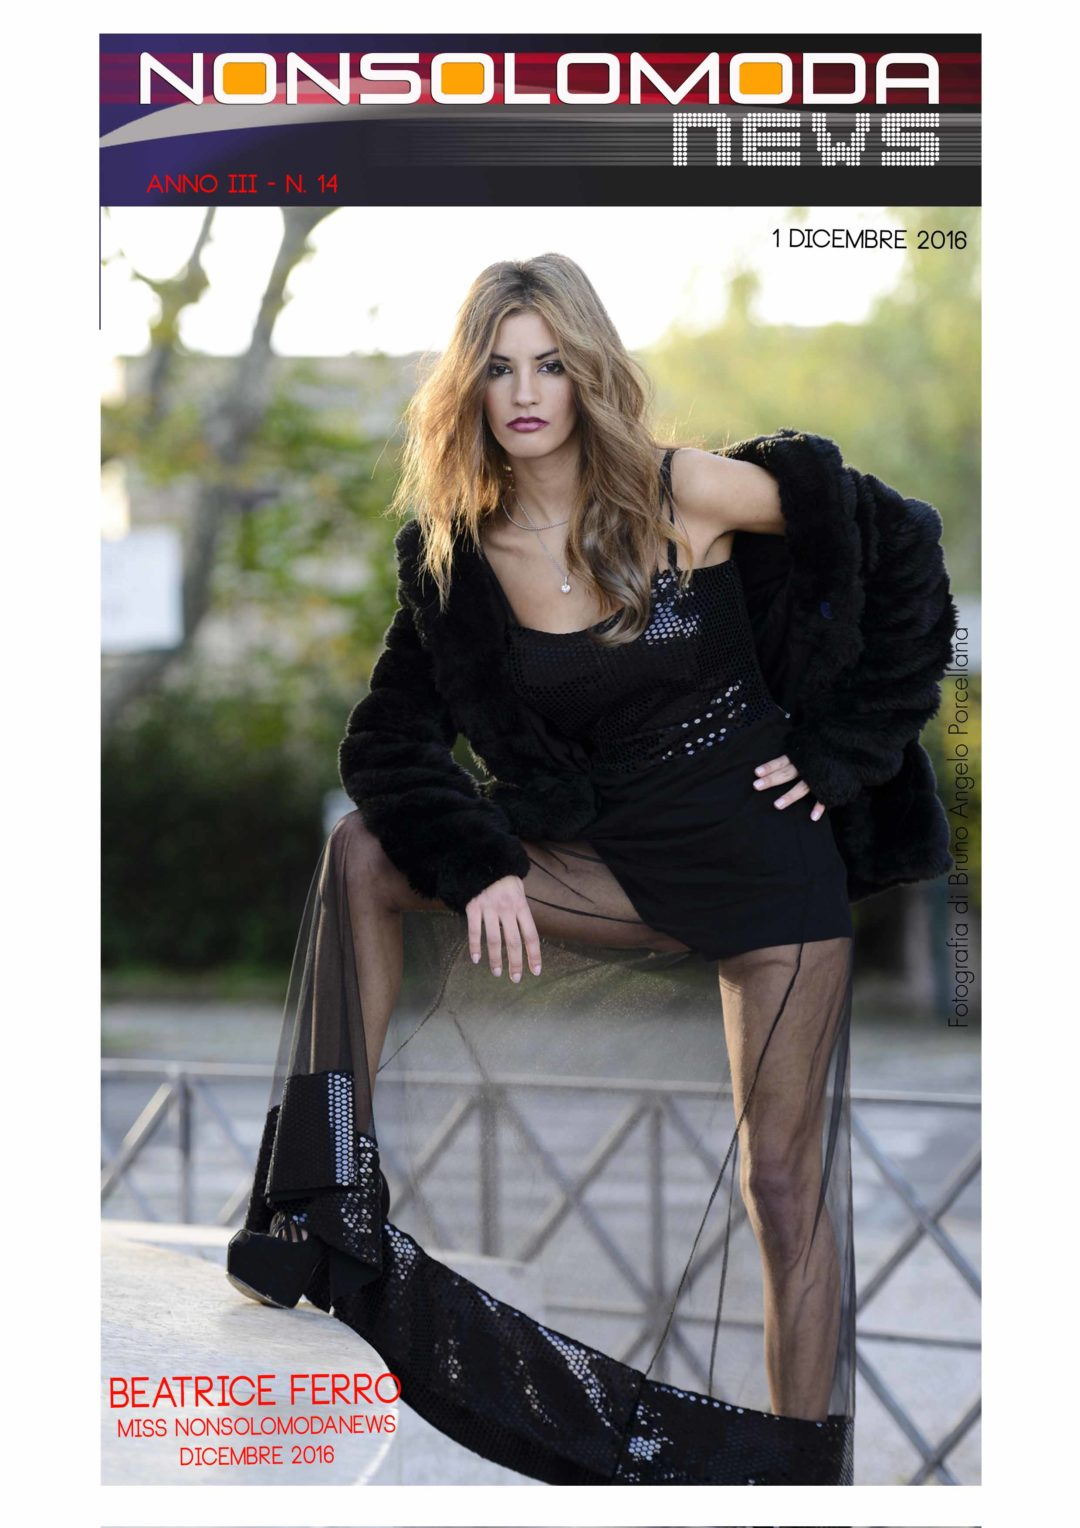 Beatrice Ferro, Miss Nonsolomodanews Dicembre 2016